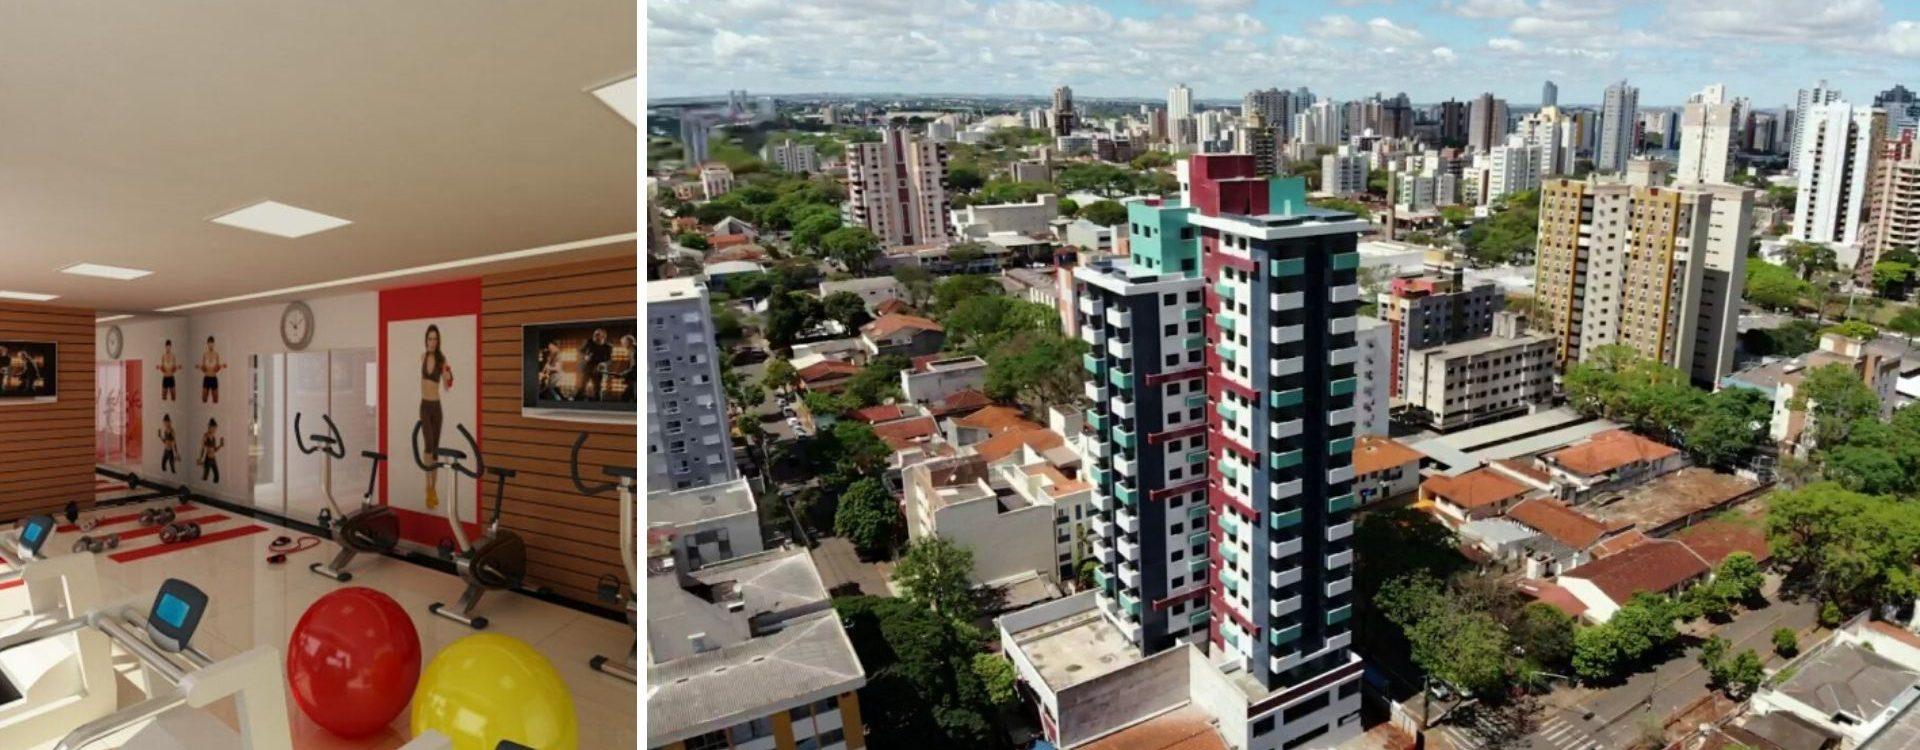 edificio-palma-azevedo-residencial-maringa-2